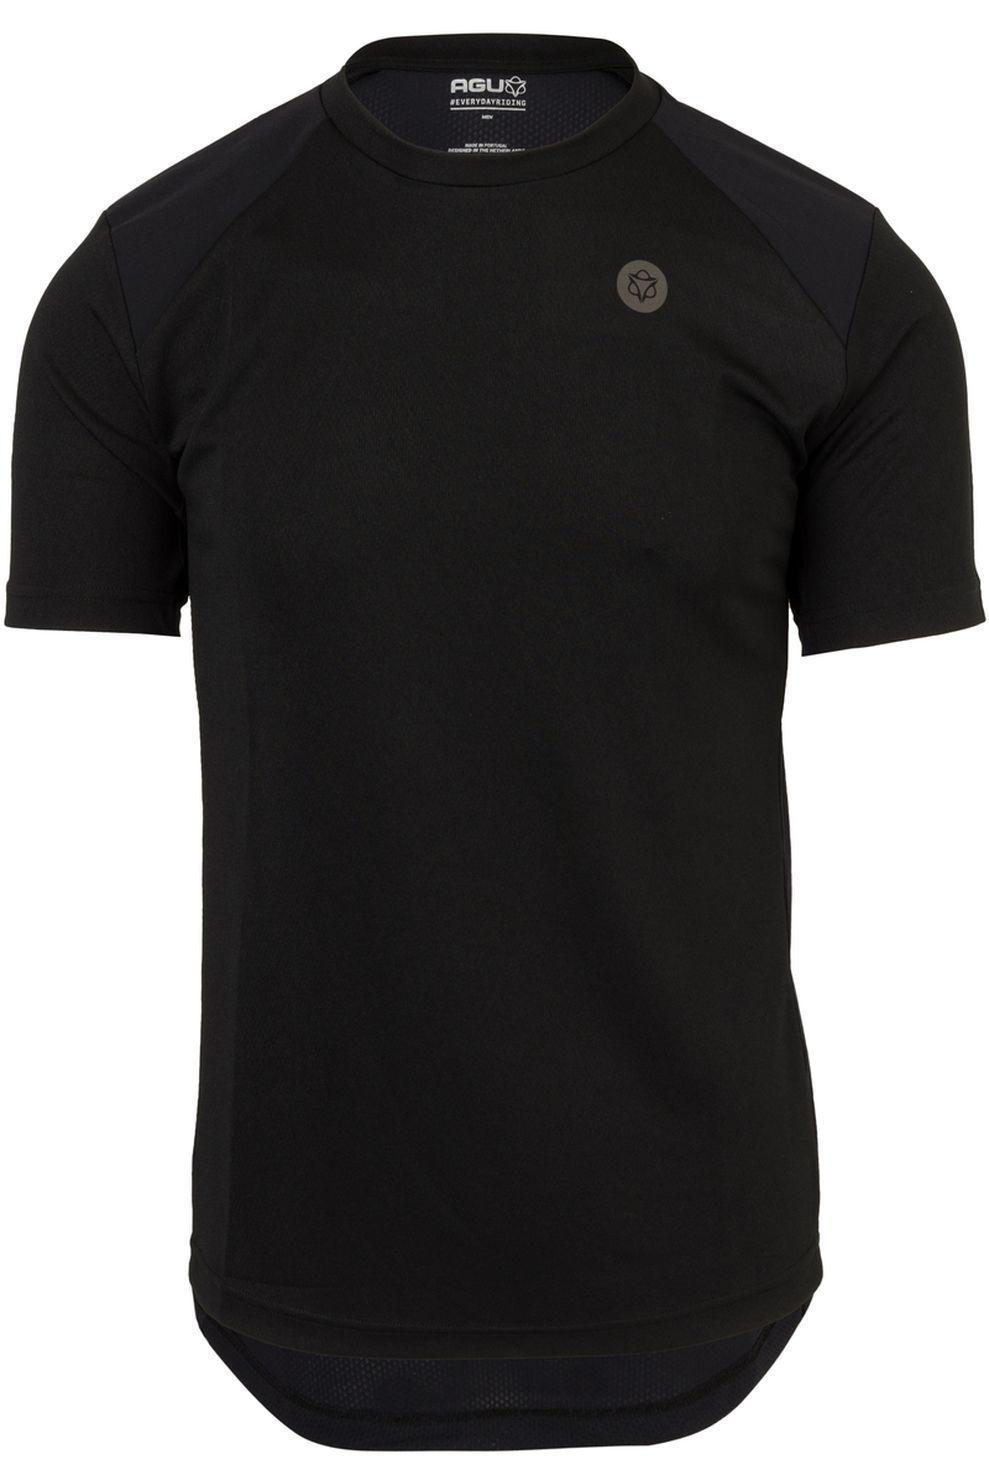 Agu T-Shirt Km Mtb voor heren - Zwart - Maten: S, M, L, XL, XXL, XXXL